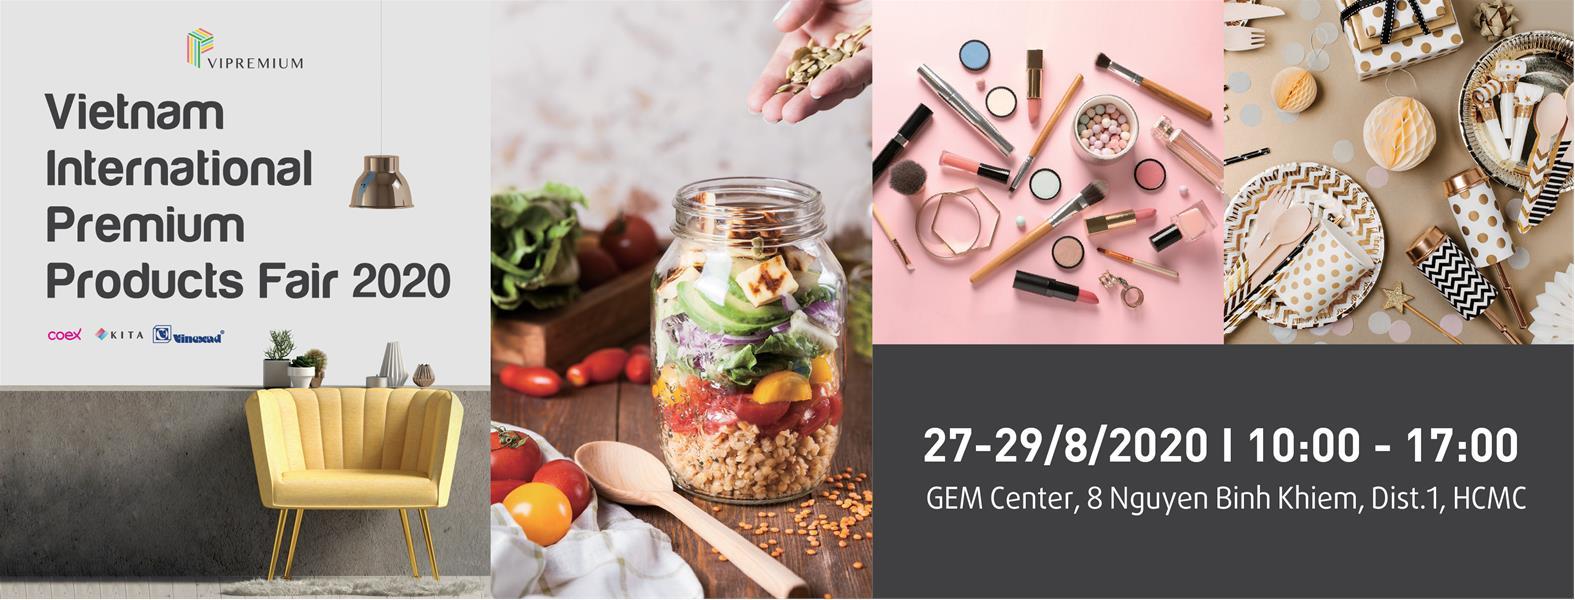 Triển lãm Quốc tế Nguồn cung ứng Sản phẩm Cao cấp - VIPREMIUM 2020